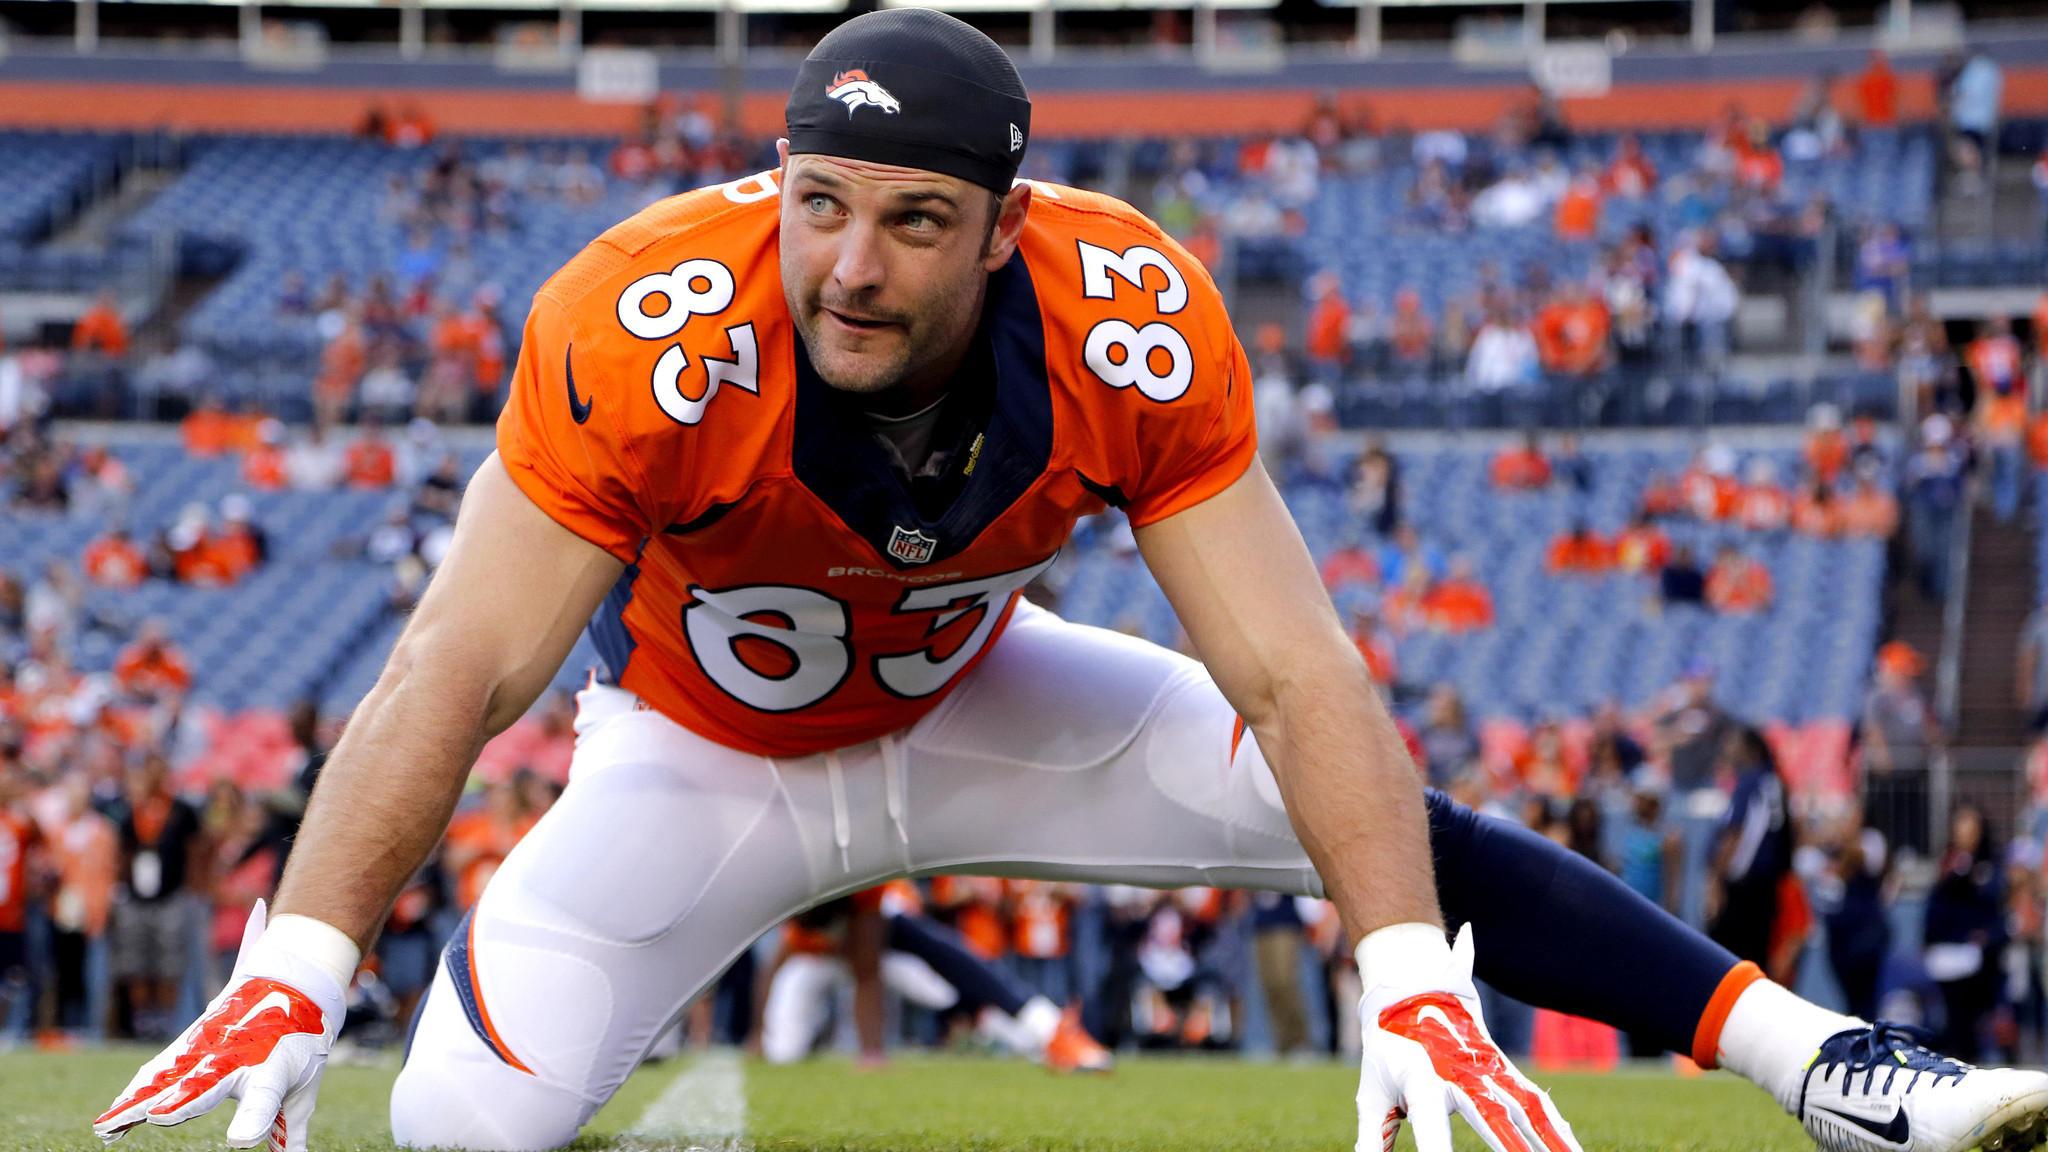 Reports: Denver Broncos receiver Wes Welker suspended after positive amphetamines test